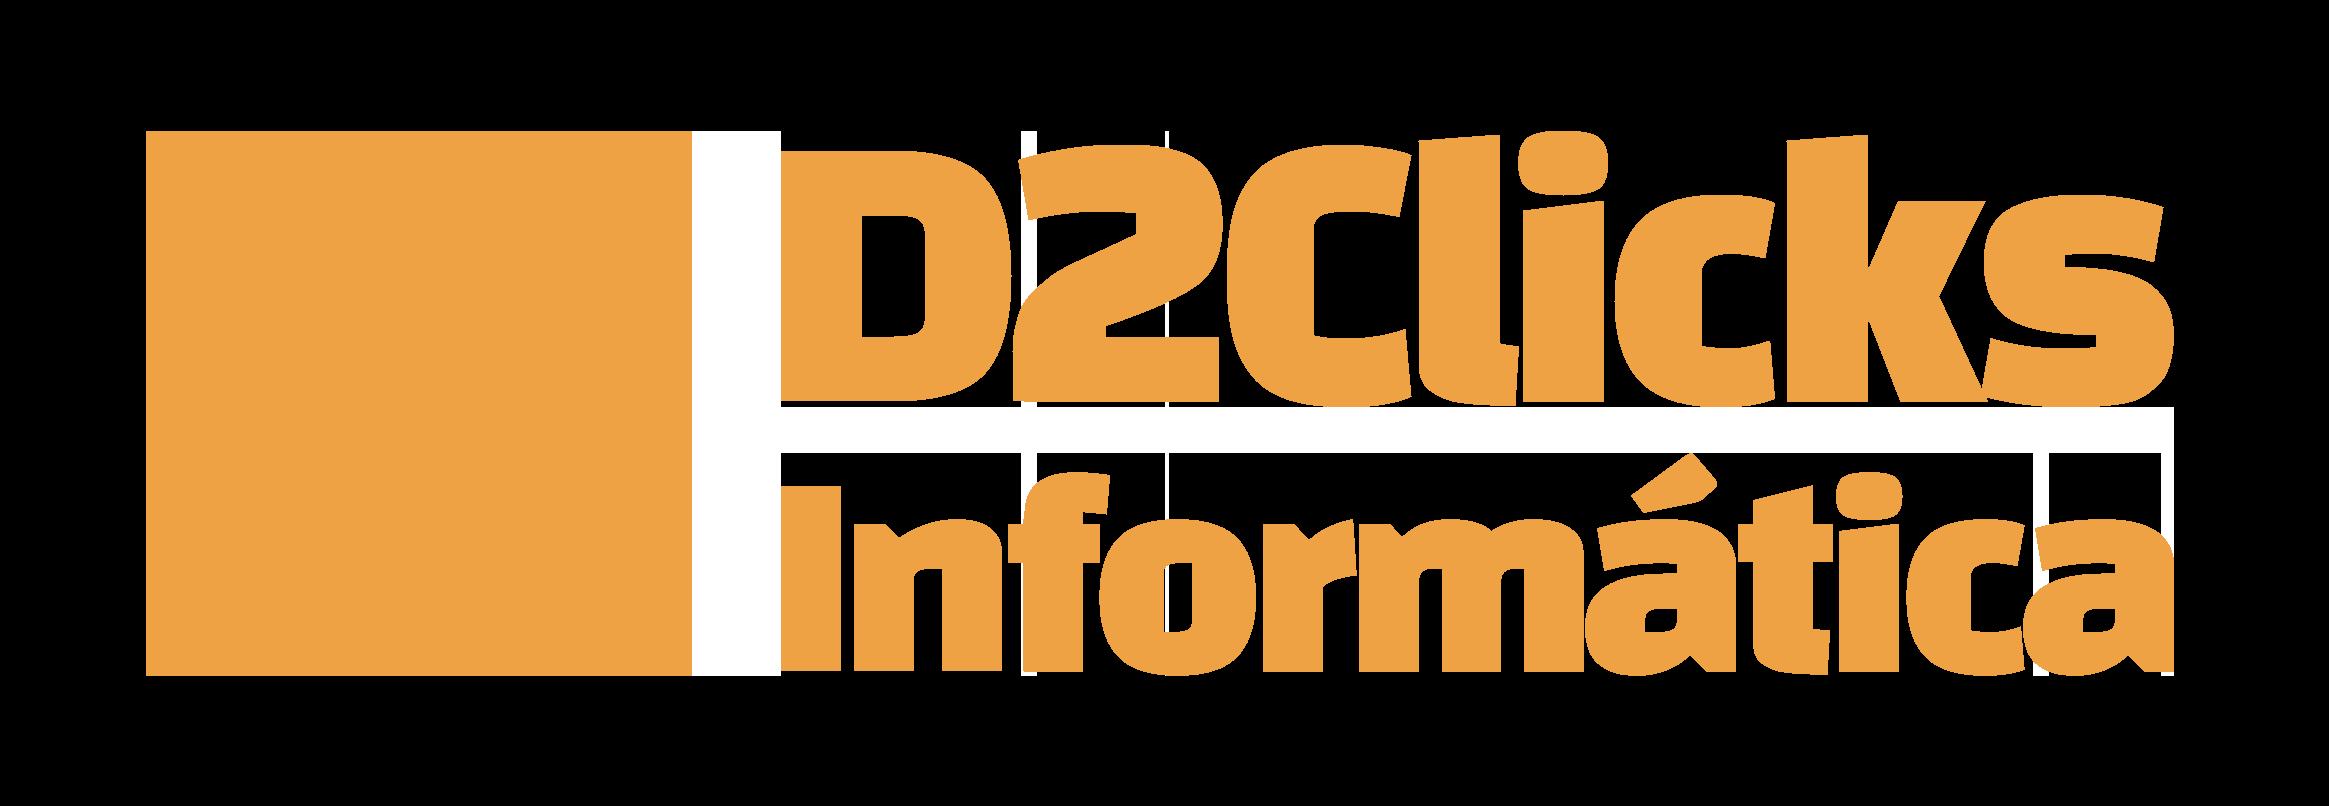 D2Clicks Informática